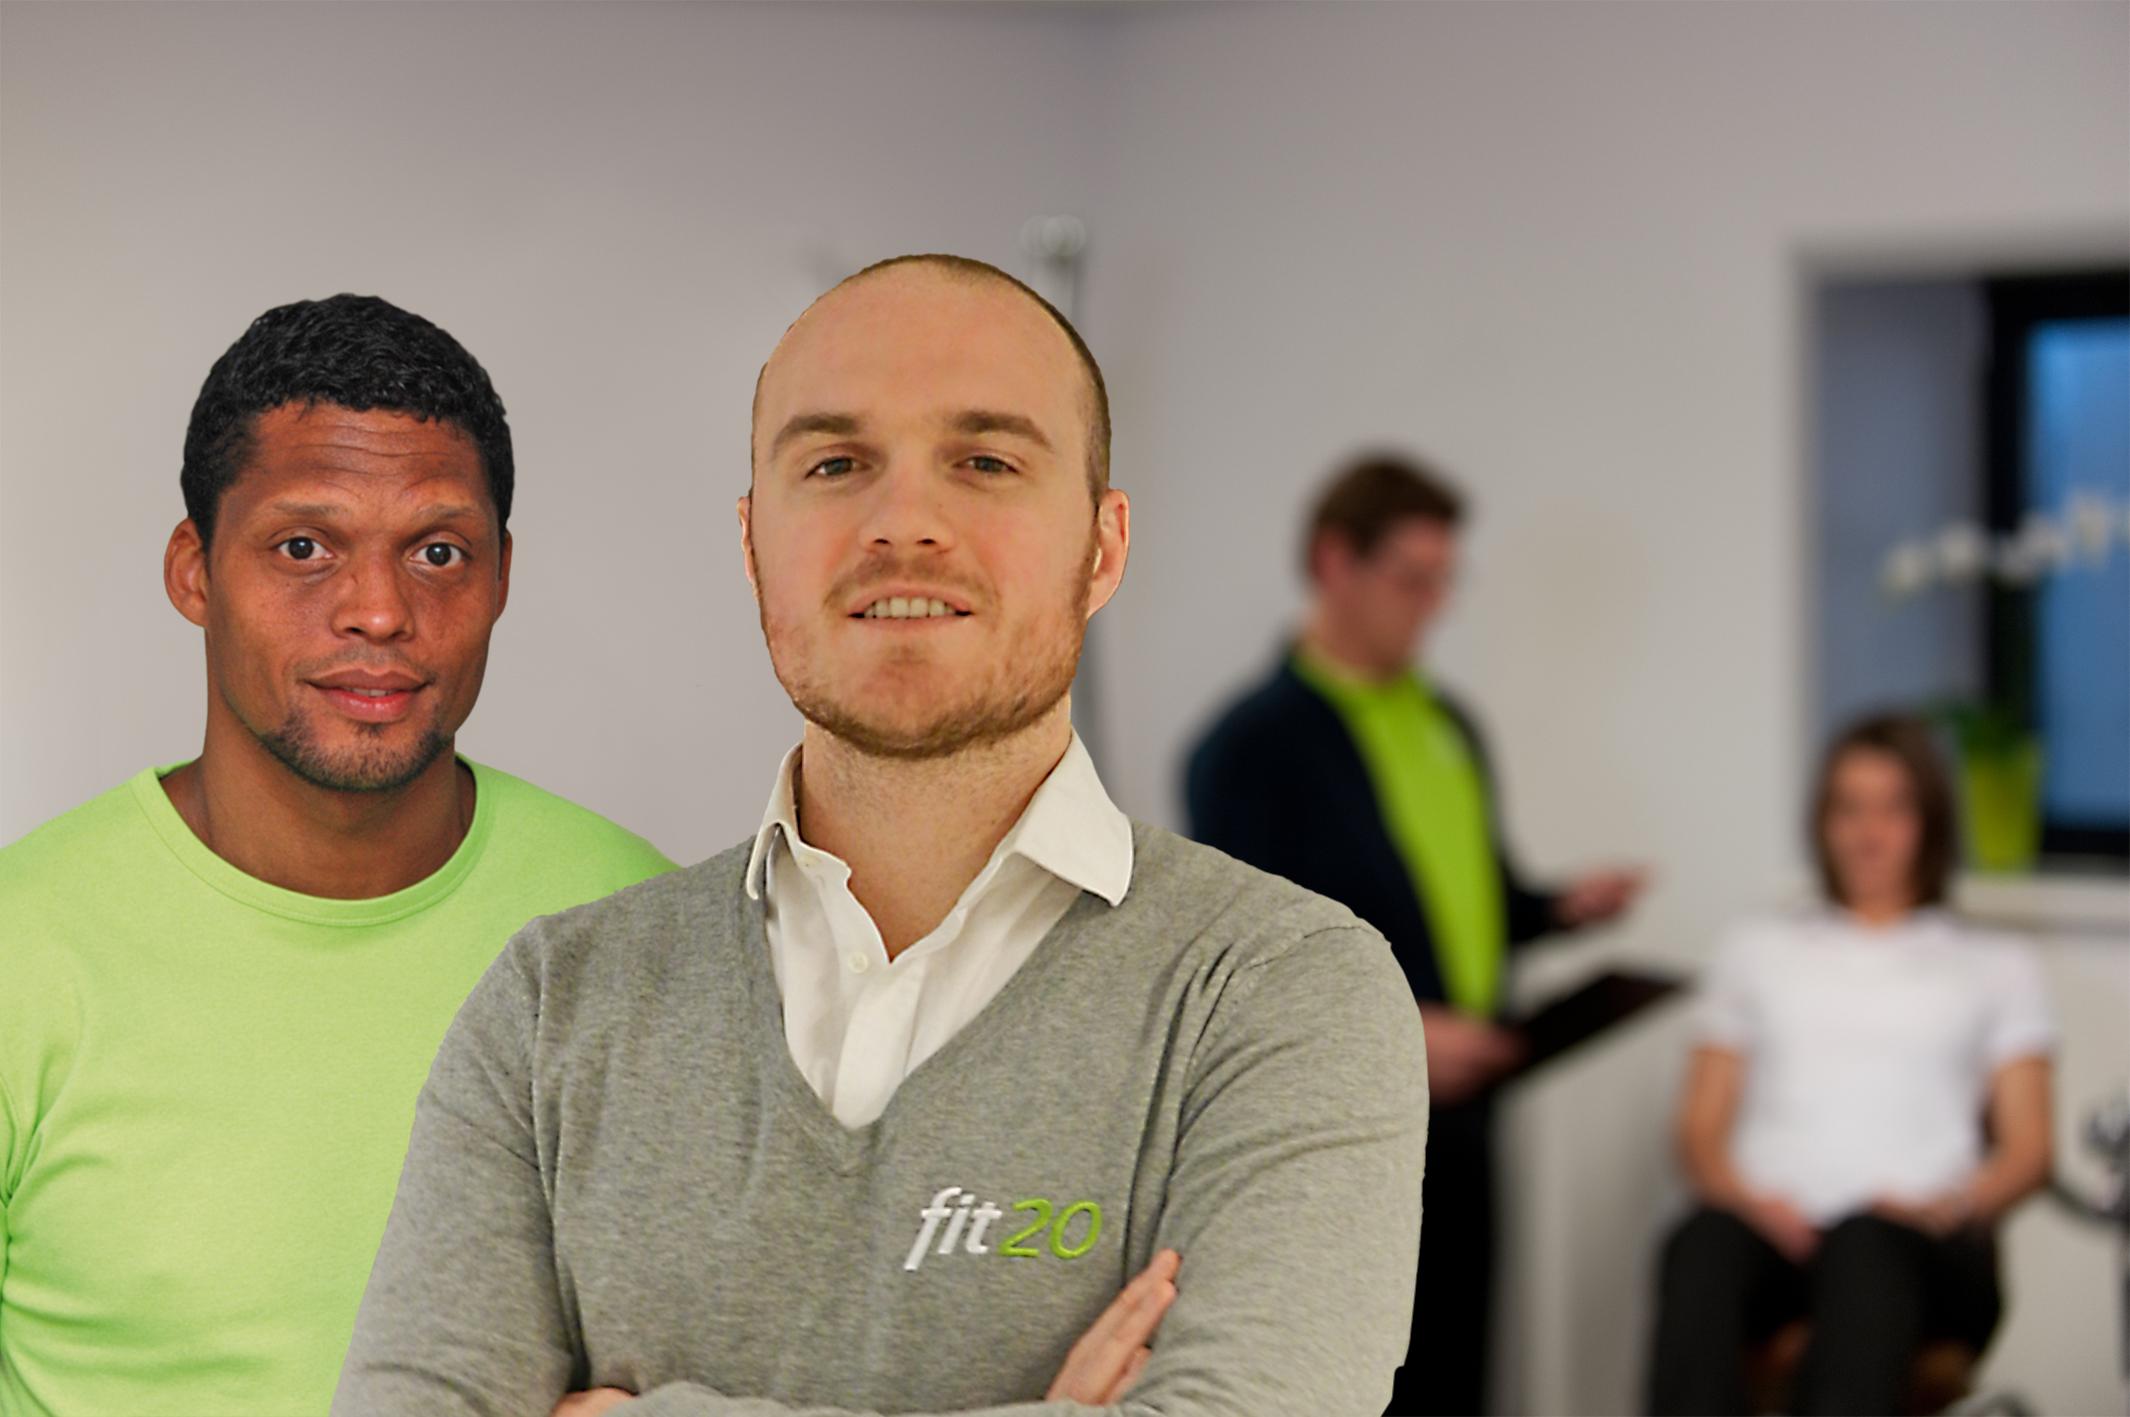 David Lenahan en Delano Hill zijn de trotse eigenaren van de nieuwe fit20-studio in Hoofddorp